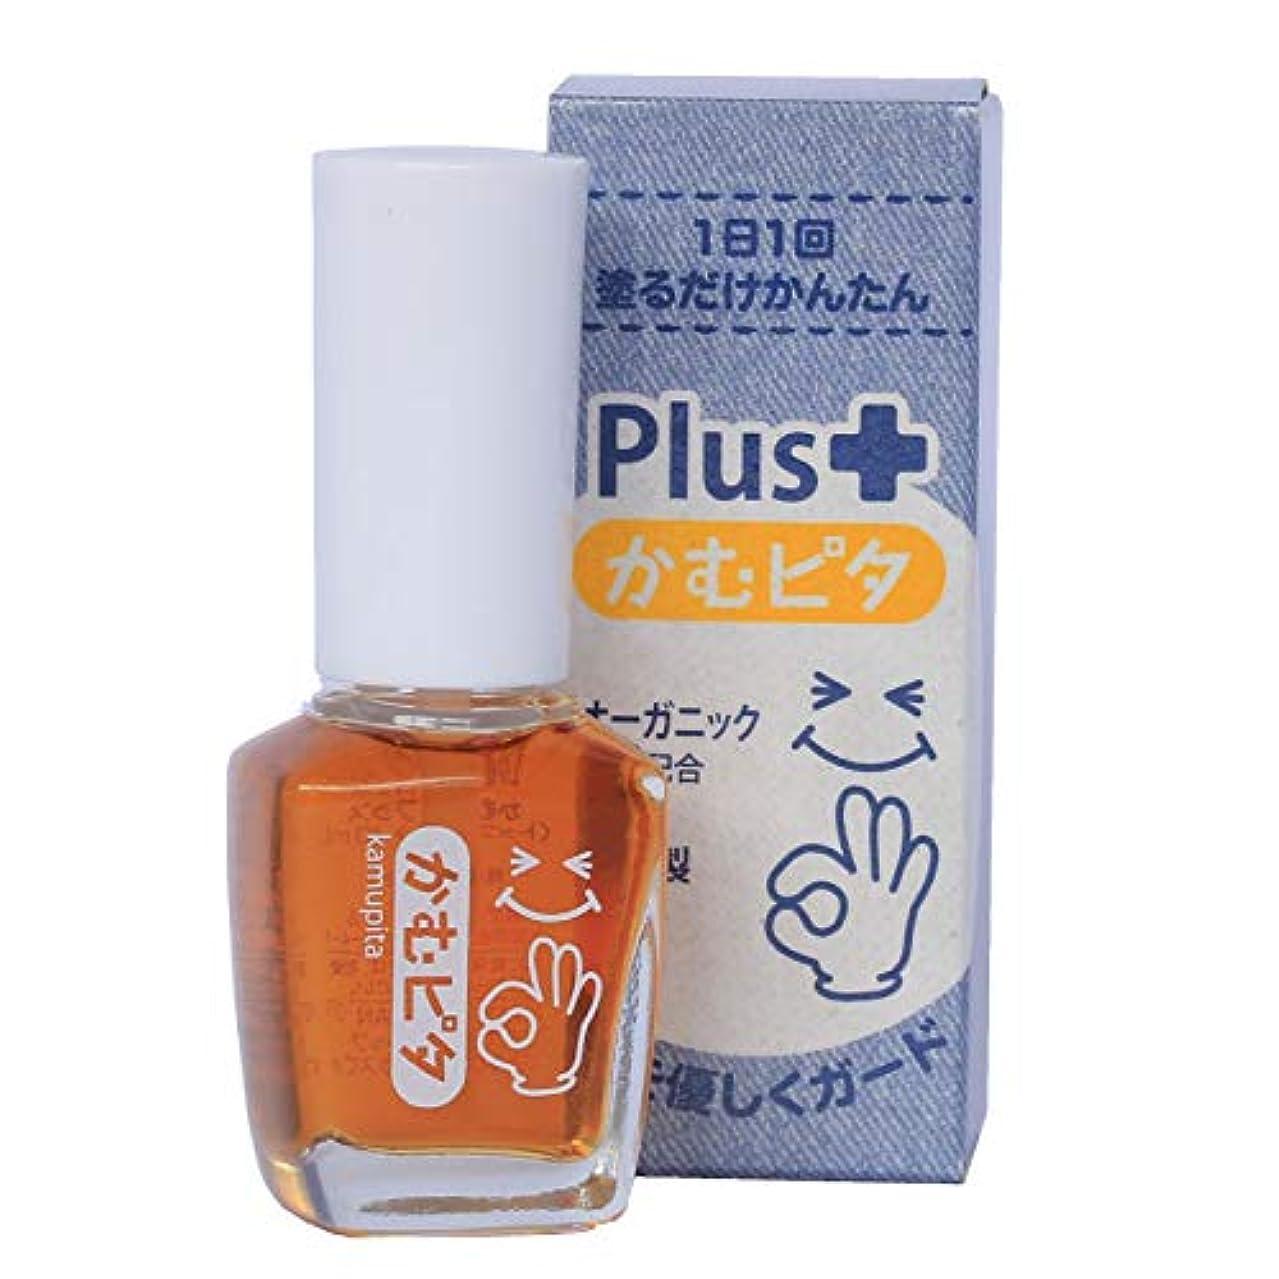 オプション接続されたシネウィ子供の爪噛み?指しゃぶり防止に苦い日本製マニキュア かむピタ プラス  オーガニック成分配合?10ml